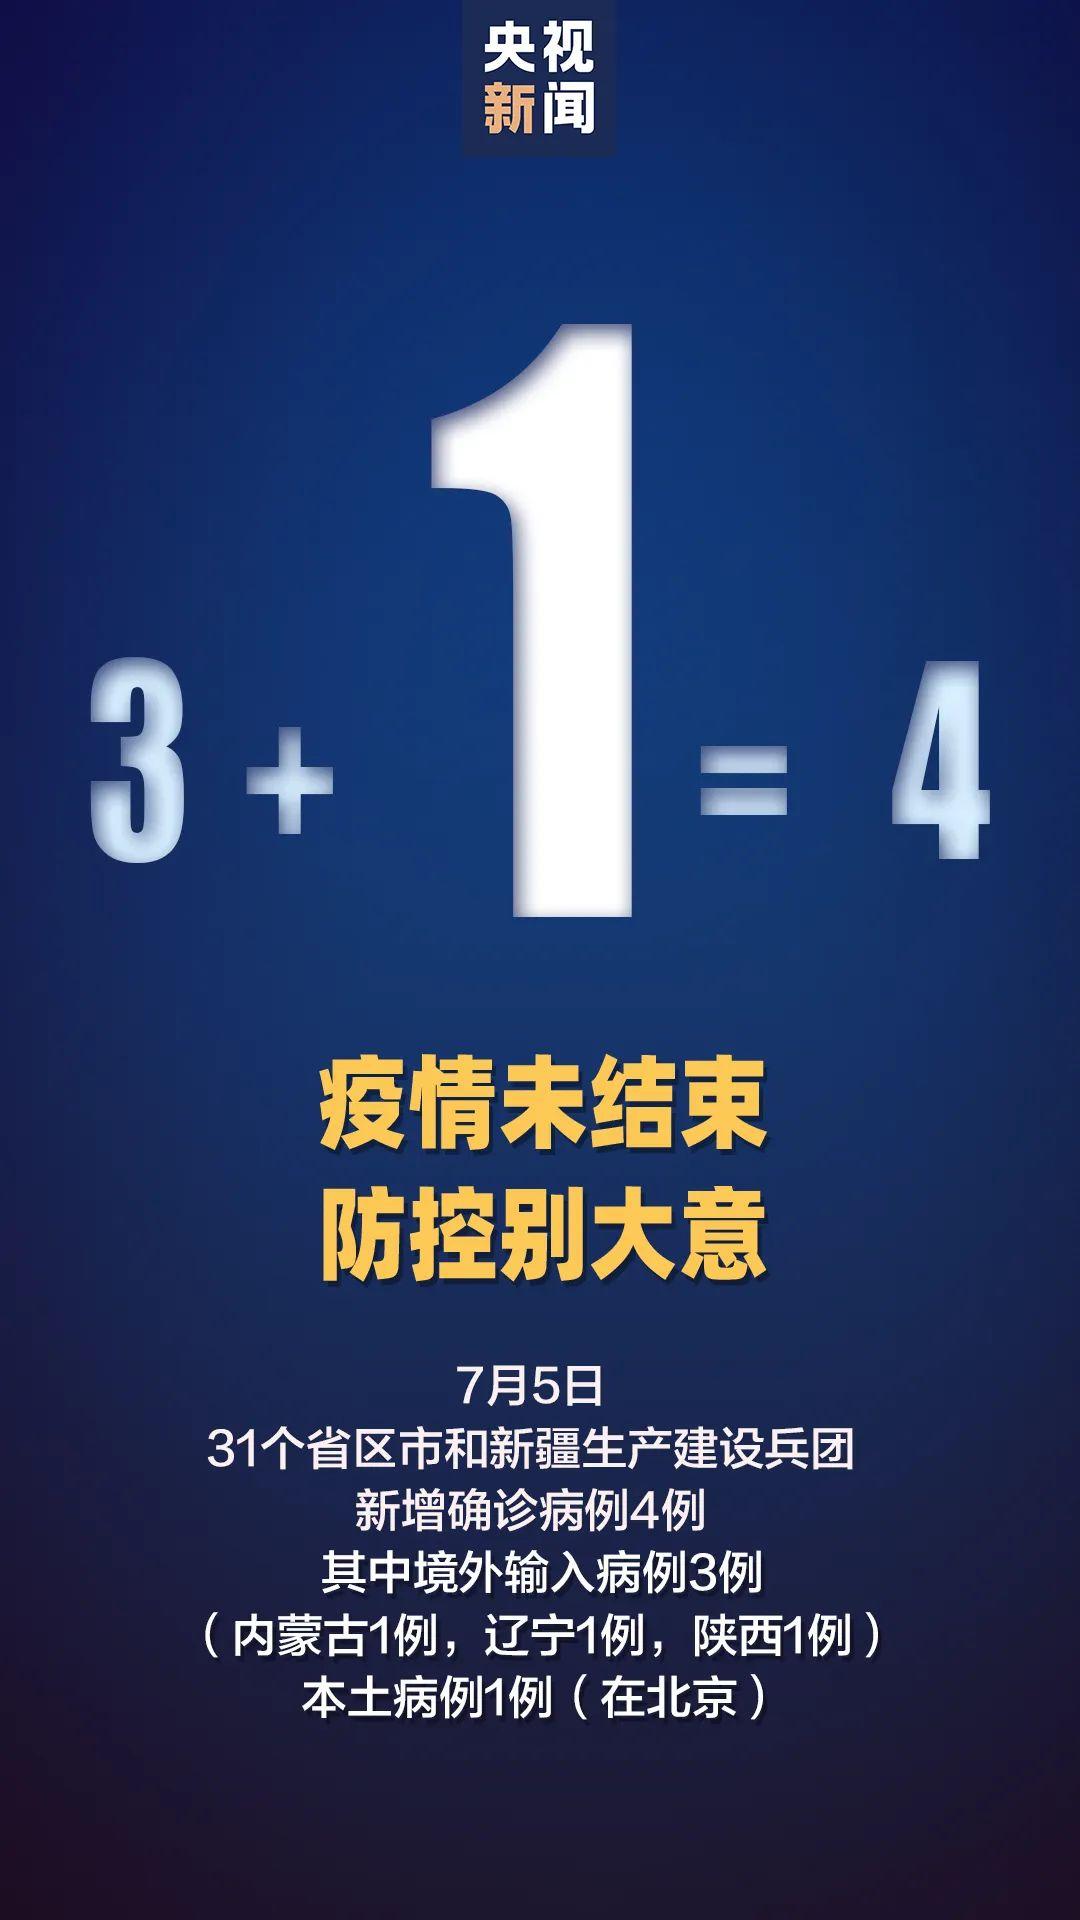 北京7月5日新增1例确诊病例!高风险地区仅剩1个图片